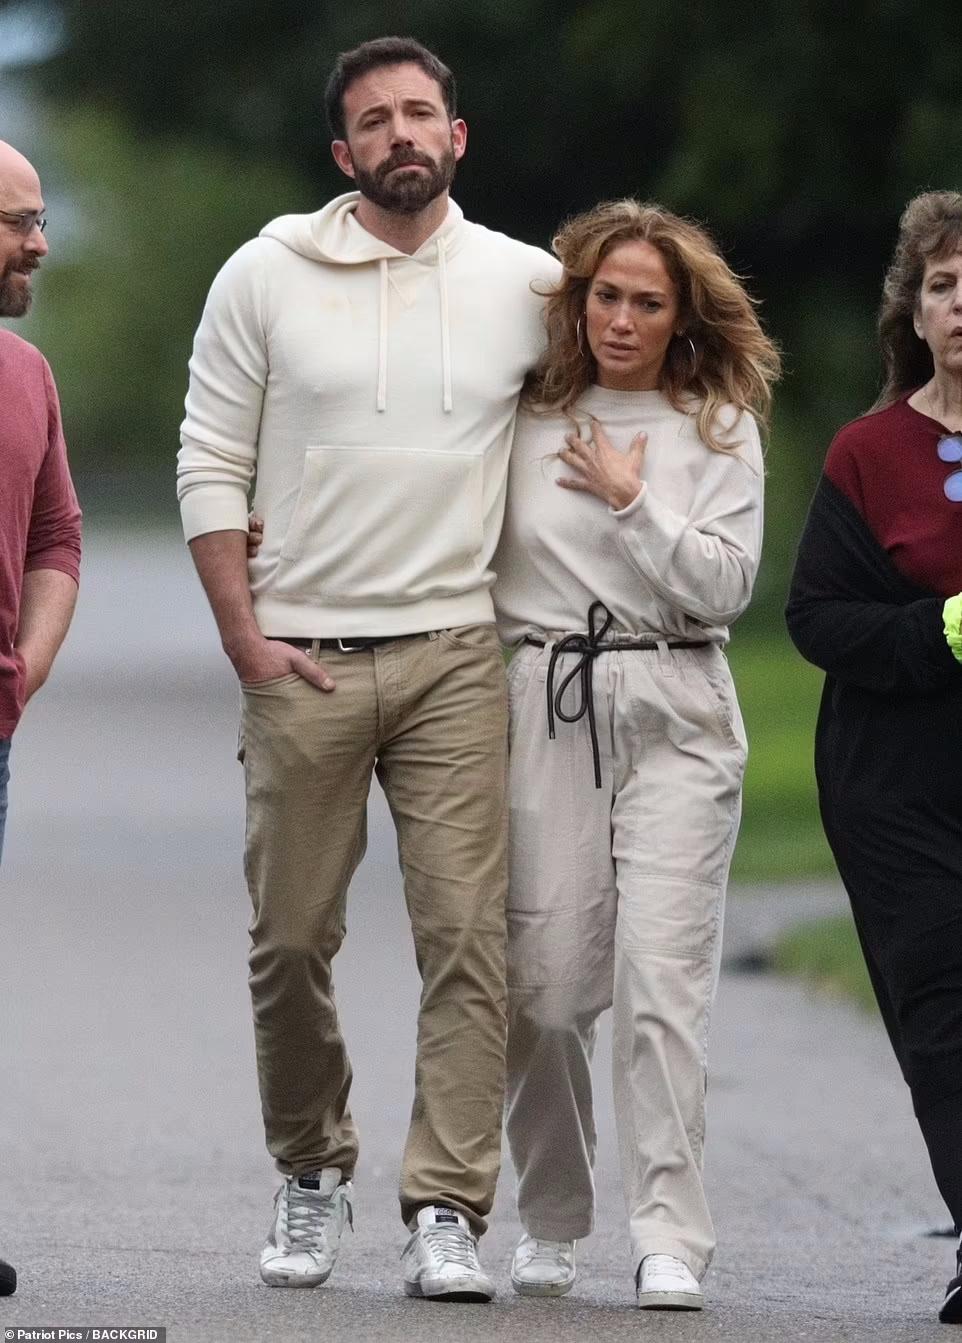 جنیفر لوپز و بن افلک یک روز پیش از خوشگذرانی شان همراه با فرزندان در استودیو یونیورسال، در حال قدم زدنی عاشقانه دیده شدند.